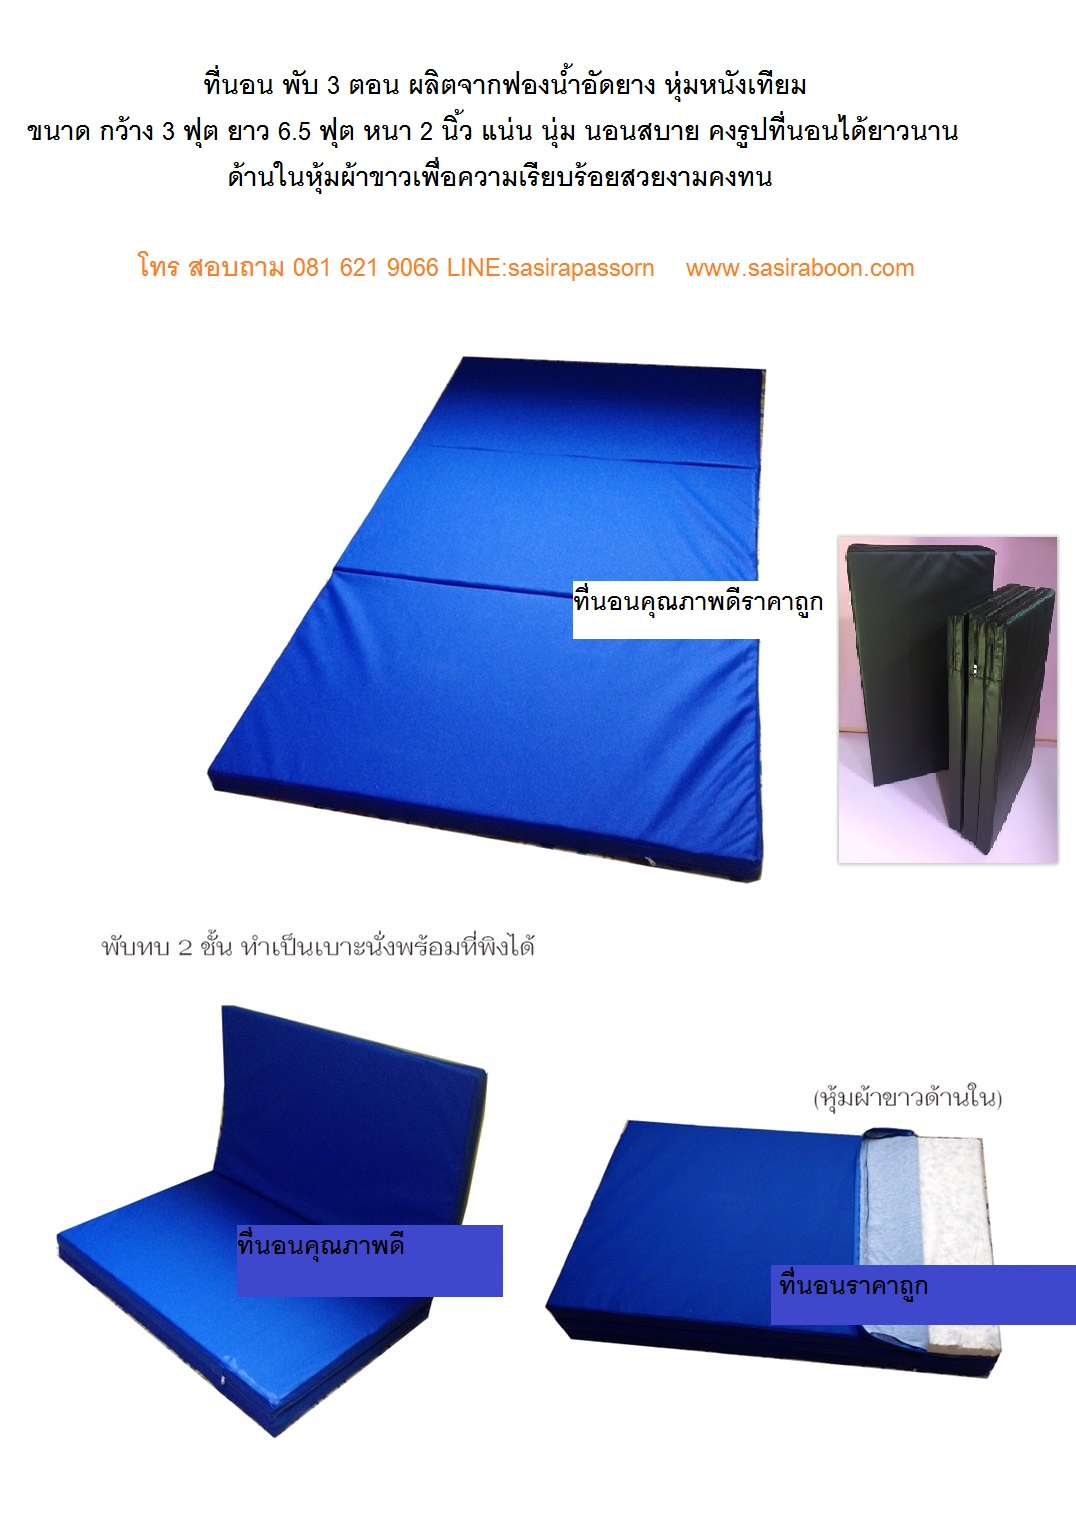 เบาะ-ที่นอน 3 พับ หนัง เทียม สีน้ำเงิน